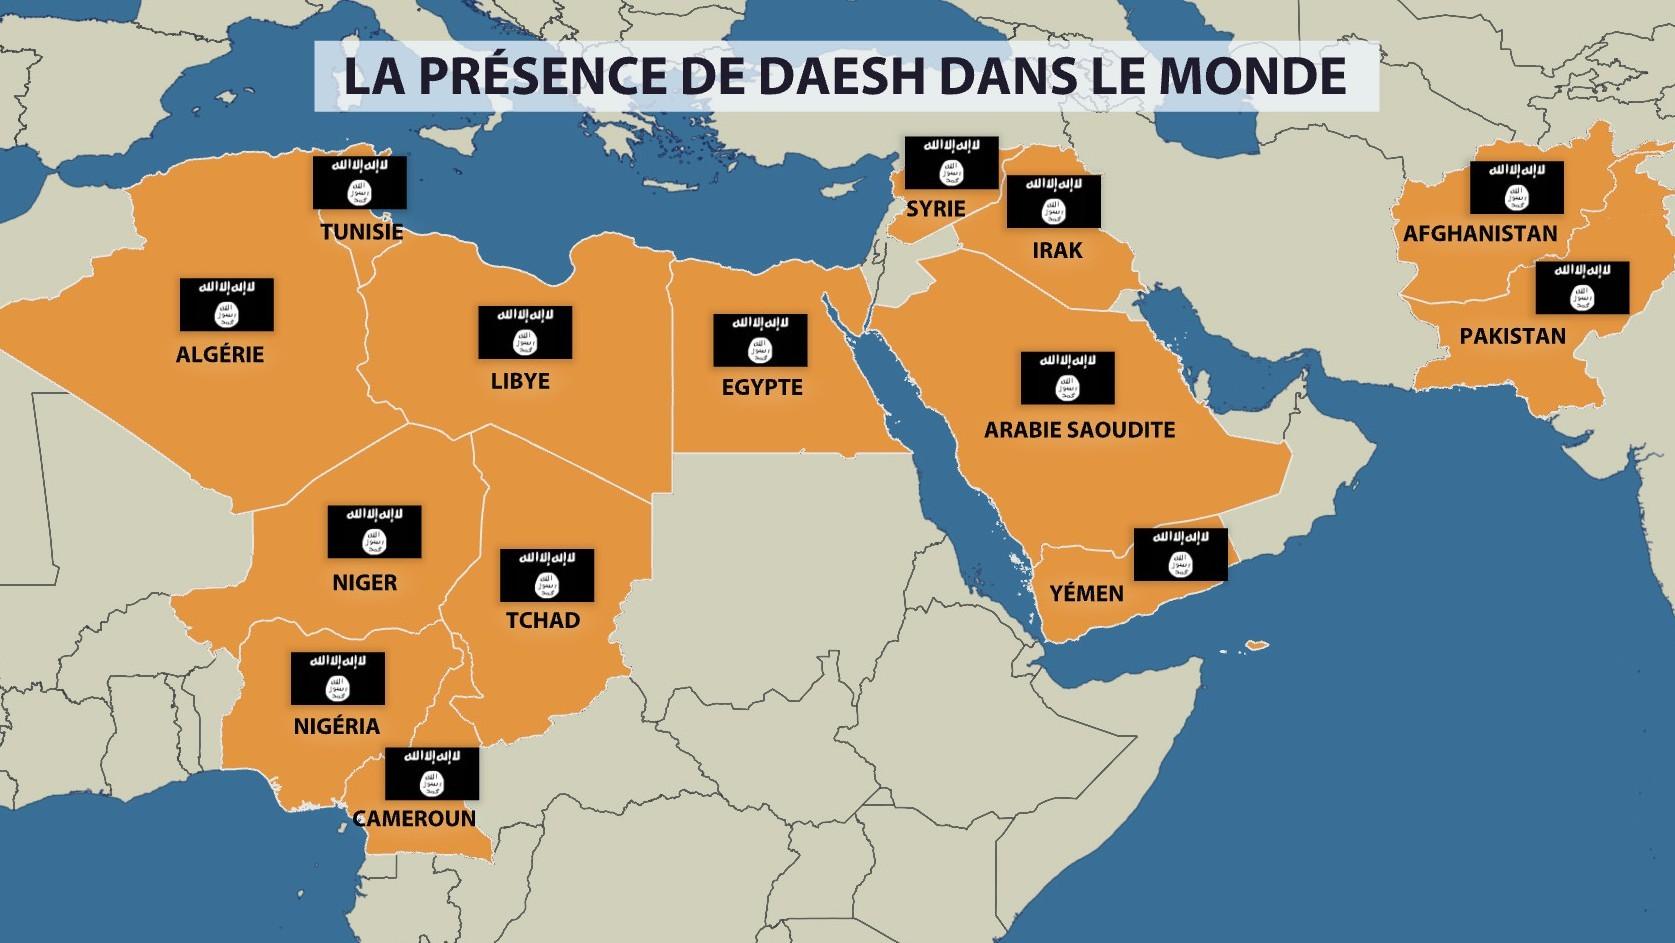 La carte de la présence de Daesh dans le monde